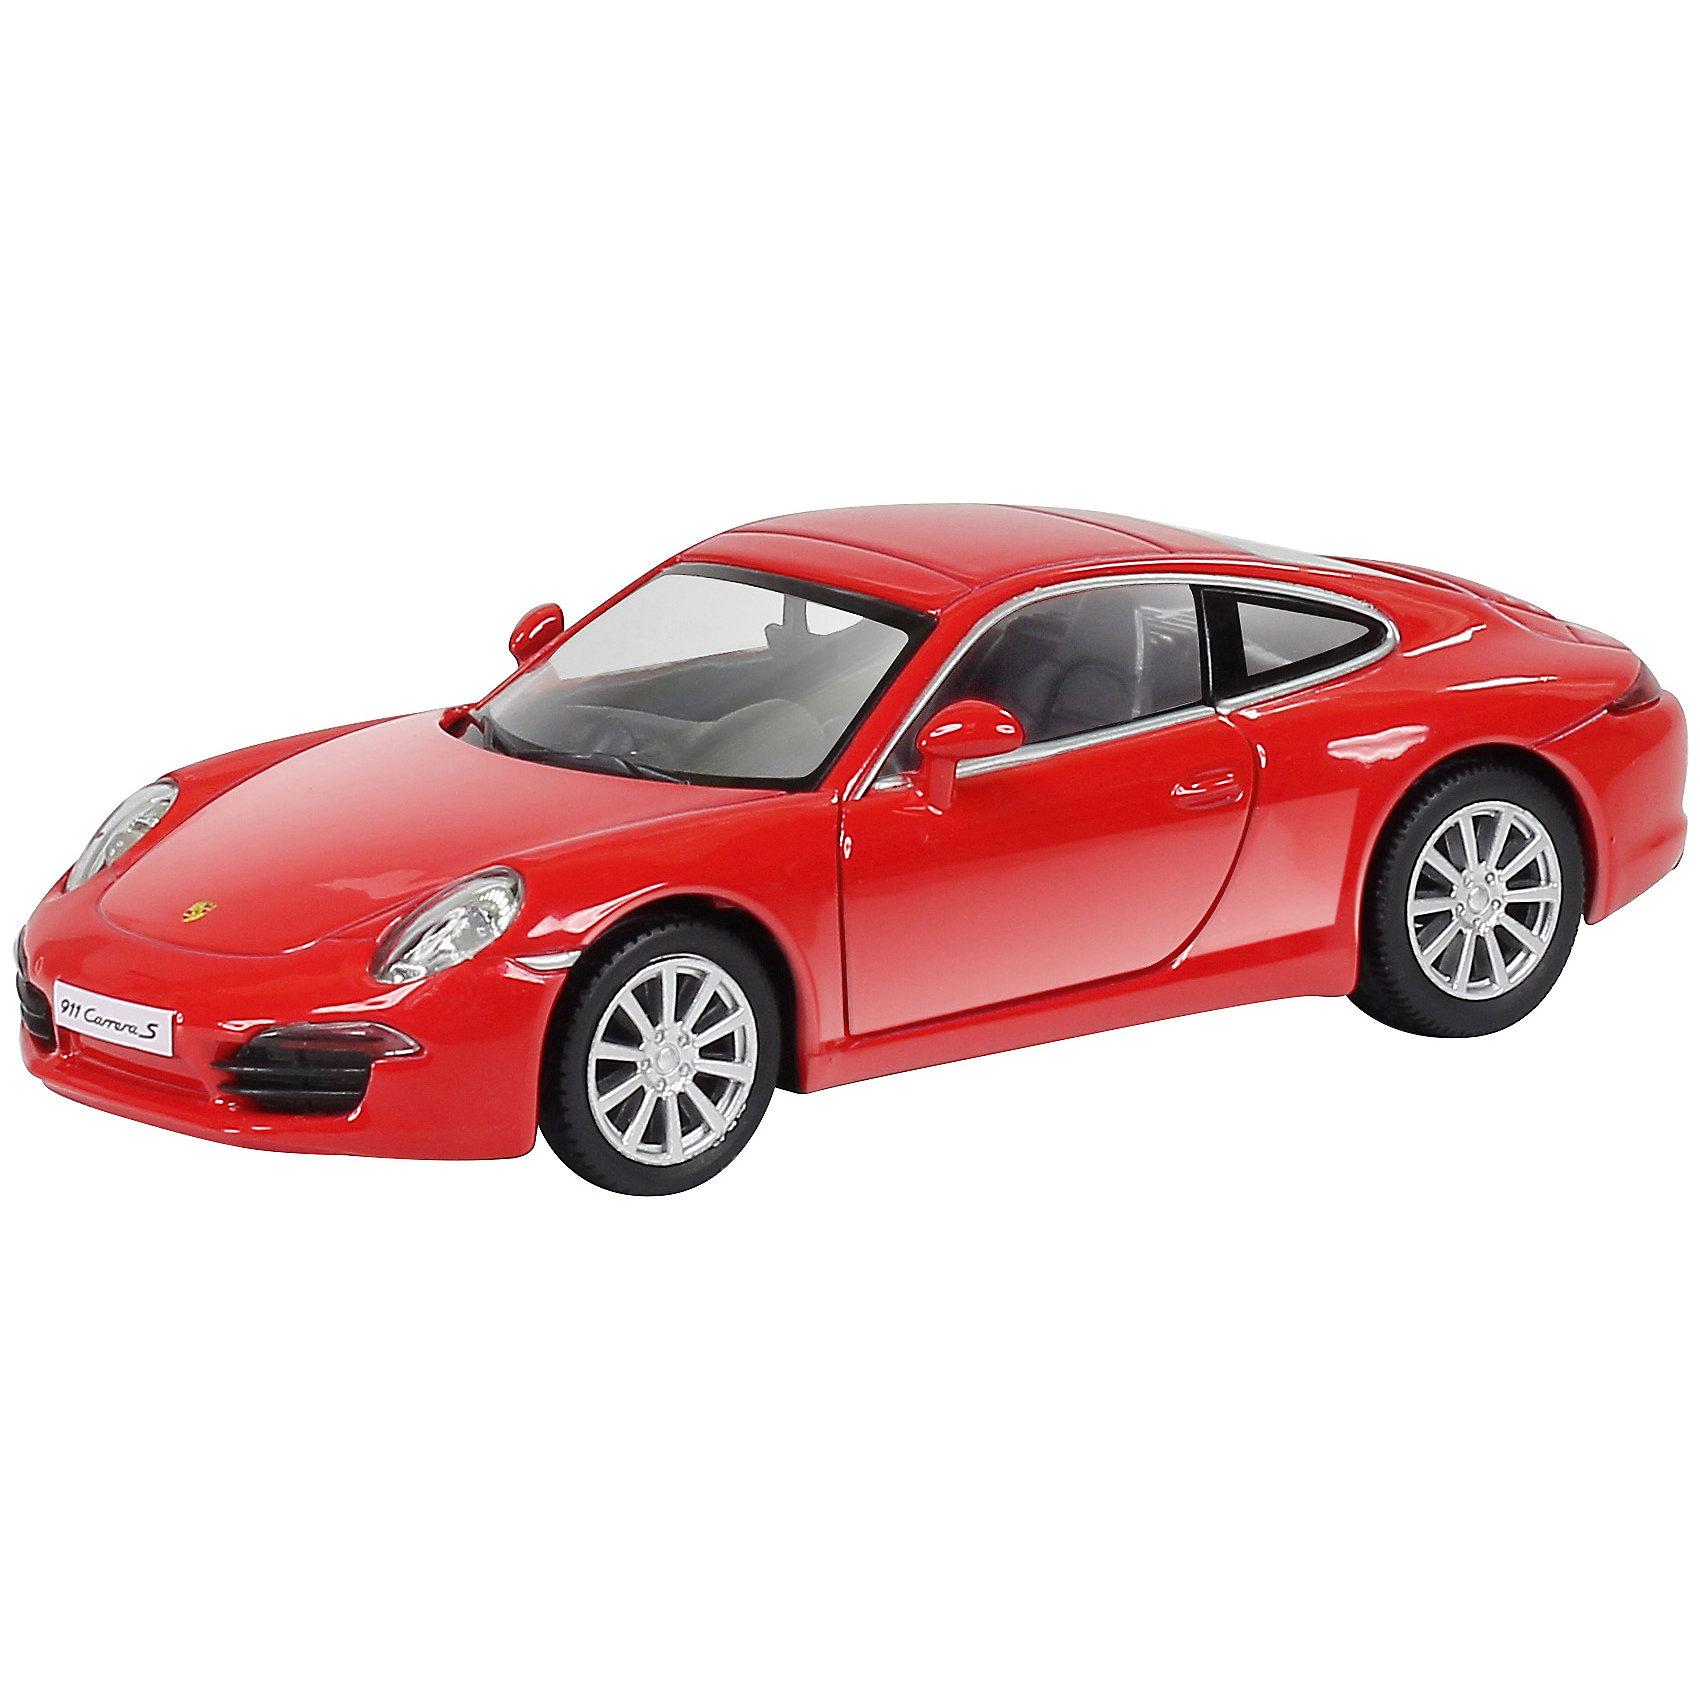 Машинка Porsche 911 Carrera S, KRUTTIНевероятно стильная и красивая модель, выполненная в масштабе 1:32 приведет в восторг любого мальчишку. Машина прекрасно детализирована, очень похожа на настоящую. Колеса свободно вращаются, двери открываются. Игрушка выполнена из высококачественных прочных материалов. Автомобиль займет достойное место в коллекции вашего юного автолюбителя.  <br><br>Дополнительная информация:<br><br>- Масштаб: 1:32.<br>- Материал: металл, пластик, резина. <br>- Размер: 12,6х5х3,5 см.<br>- Функции: свободный ход колес, открывающиеся двери.<br><br>Машинку Porsche 911 Carrera S, KRUTTI (Крутти), можно купить в нашем магазине.<br><br>Ширина мм: 160<br>Глубина мм: 80<br>Высота мм: 70<br>Вес г: 188<br>Возраст от месяцев: 36<br>Возраст до месяцев: 168<br>Пол: Мужской<br>Возраст: Детский<br>SKU: 4304449